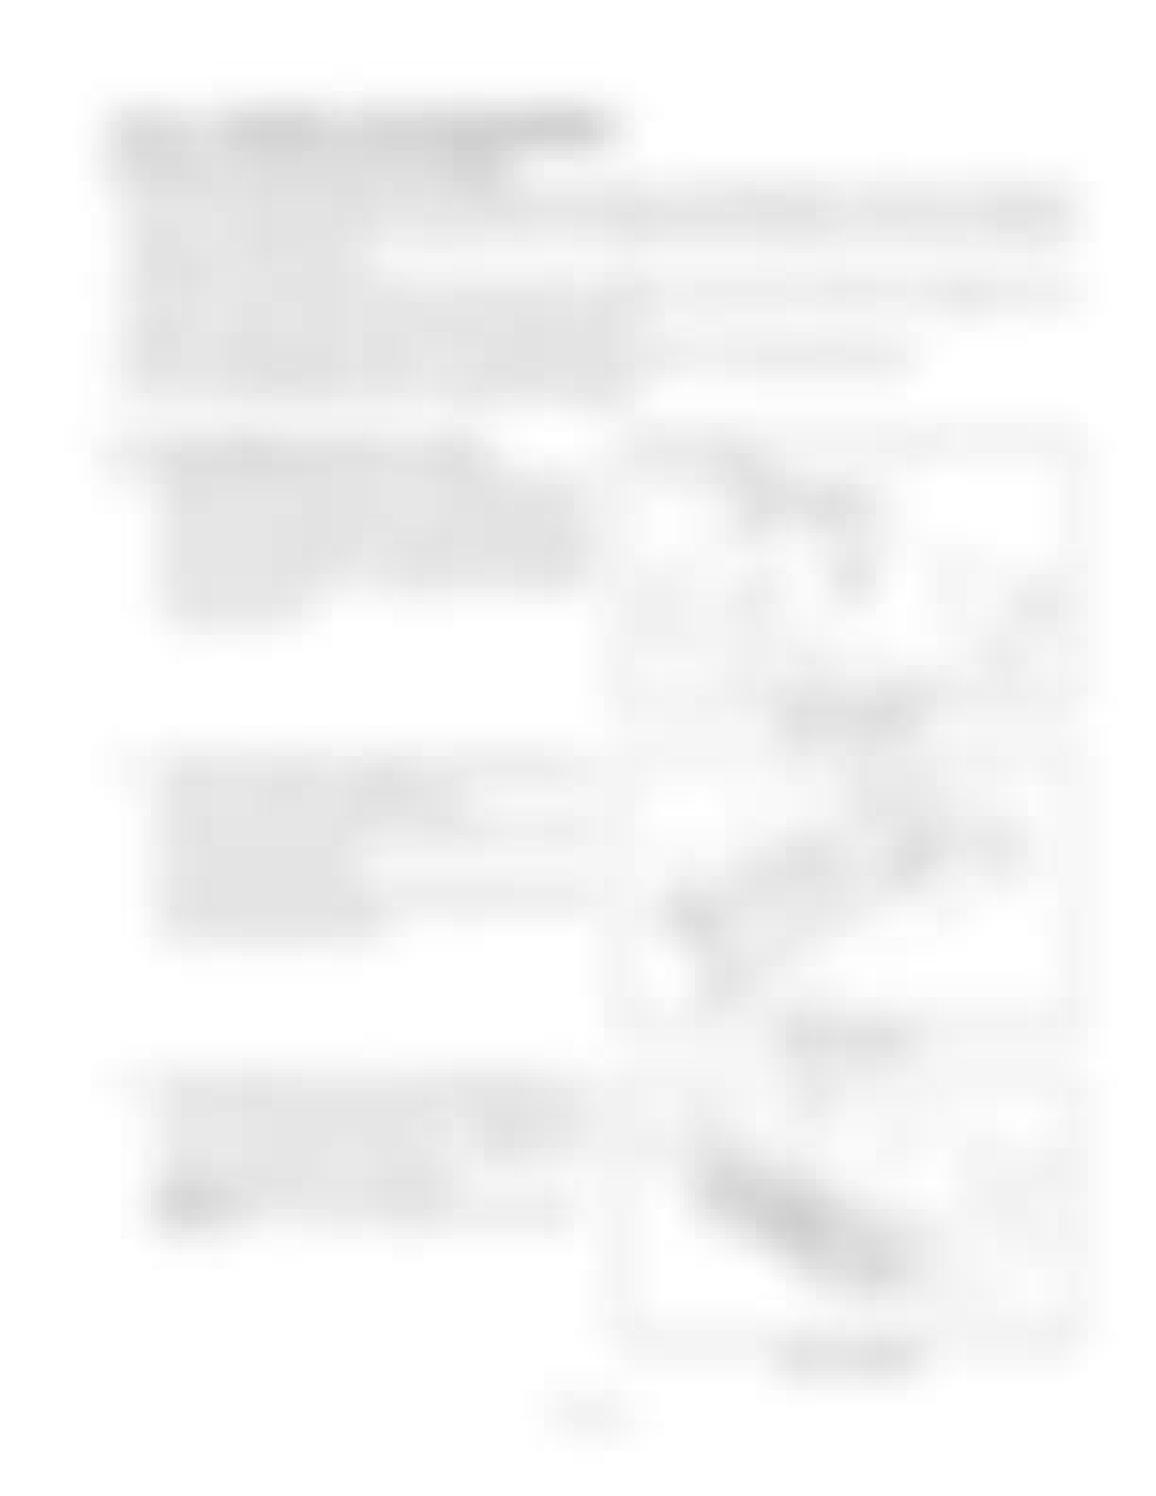 Hitachi LX110-7 LX130-7 LX160-7 LX190-7 LX230-7 Wheel Loader Workshop Manual - PDF DOWNLOAD page 69